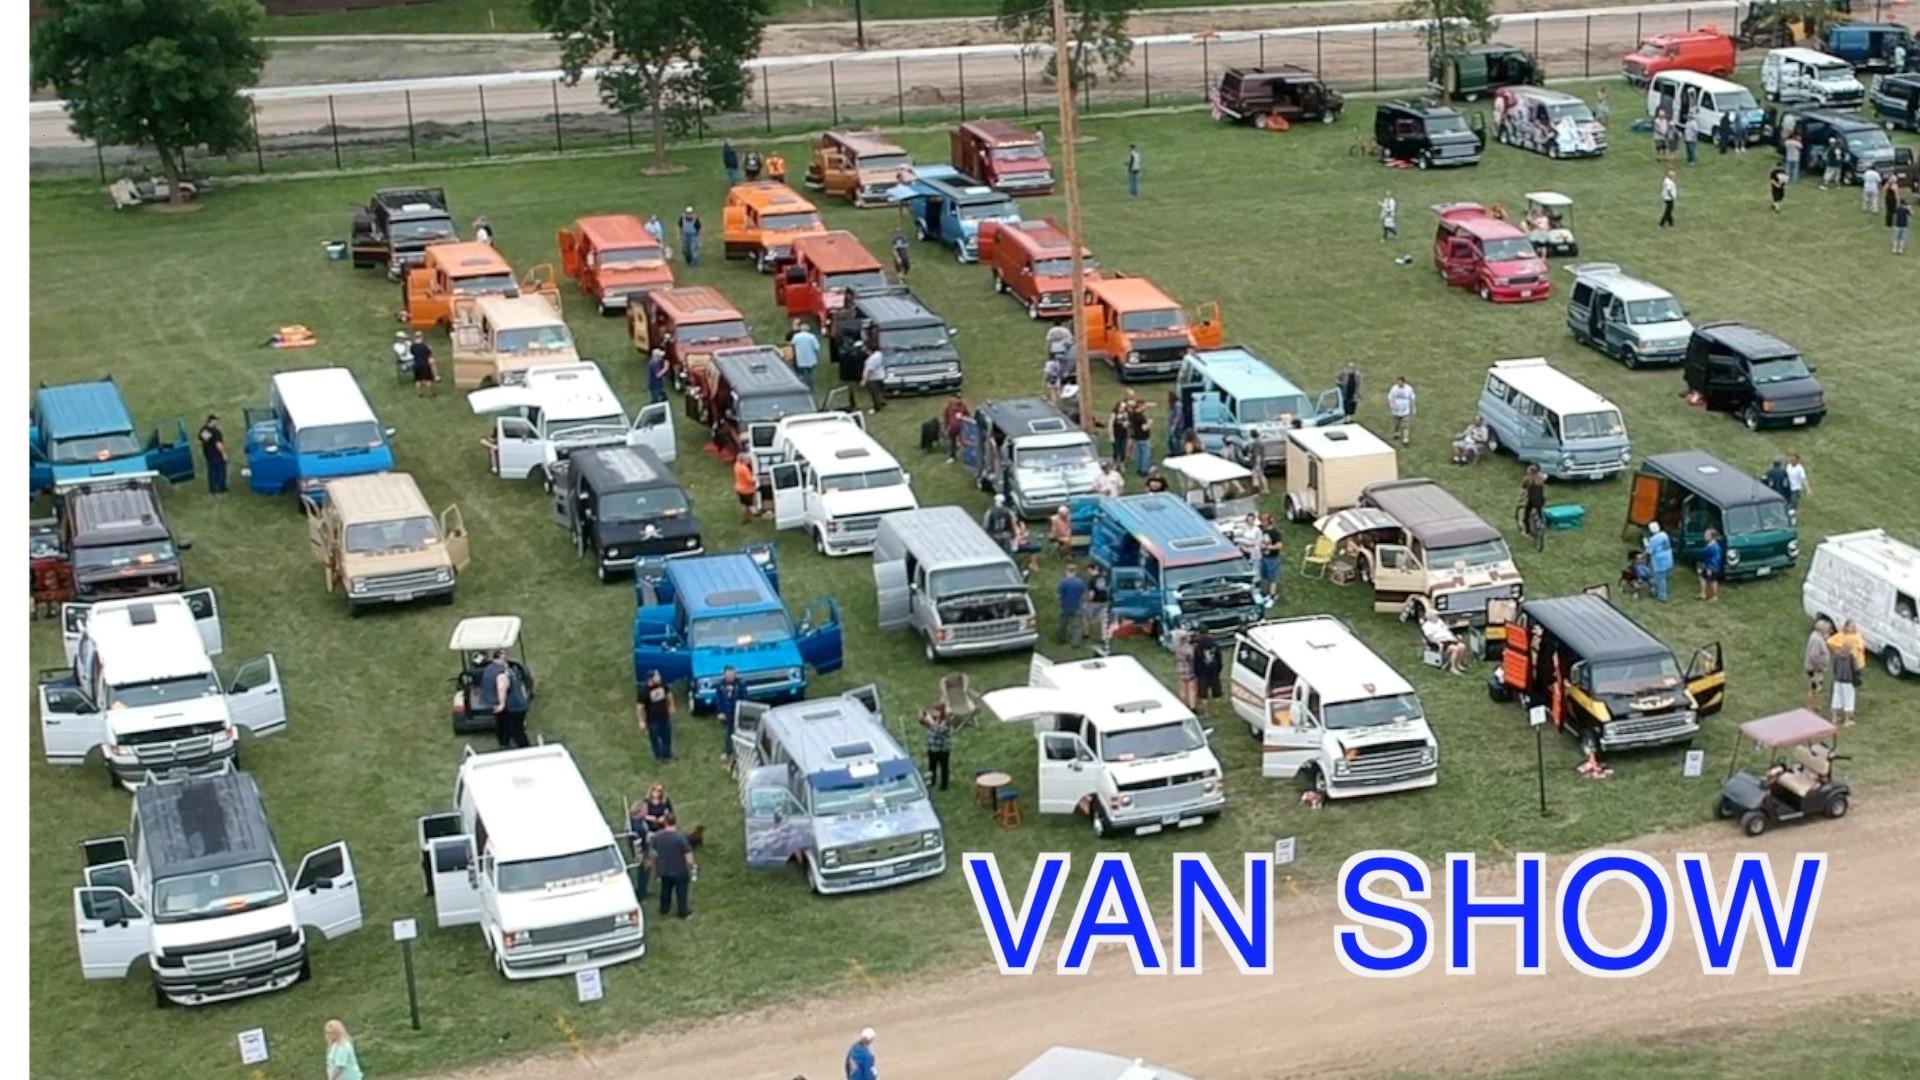 48th Van Show